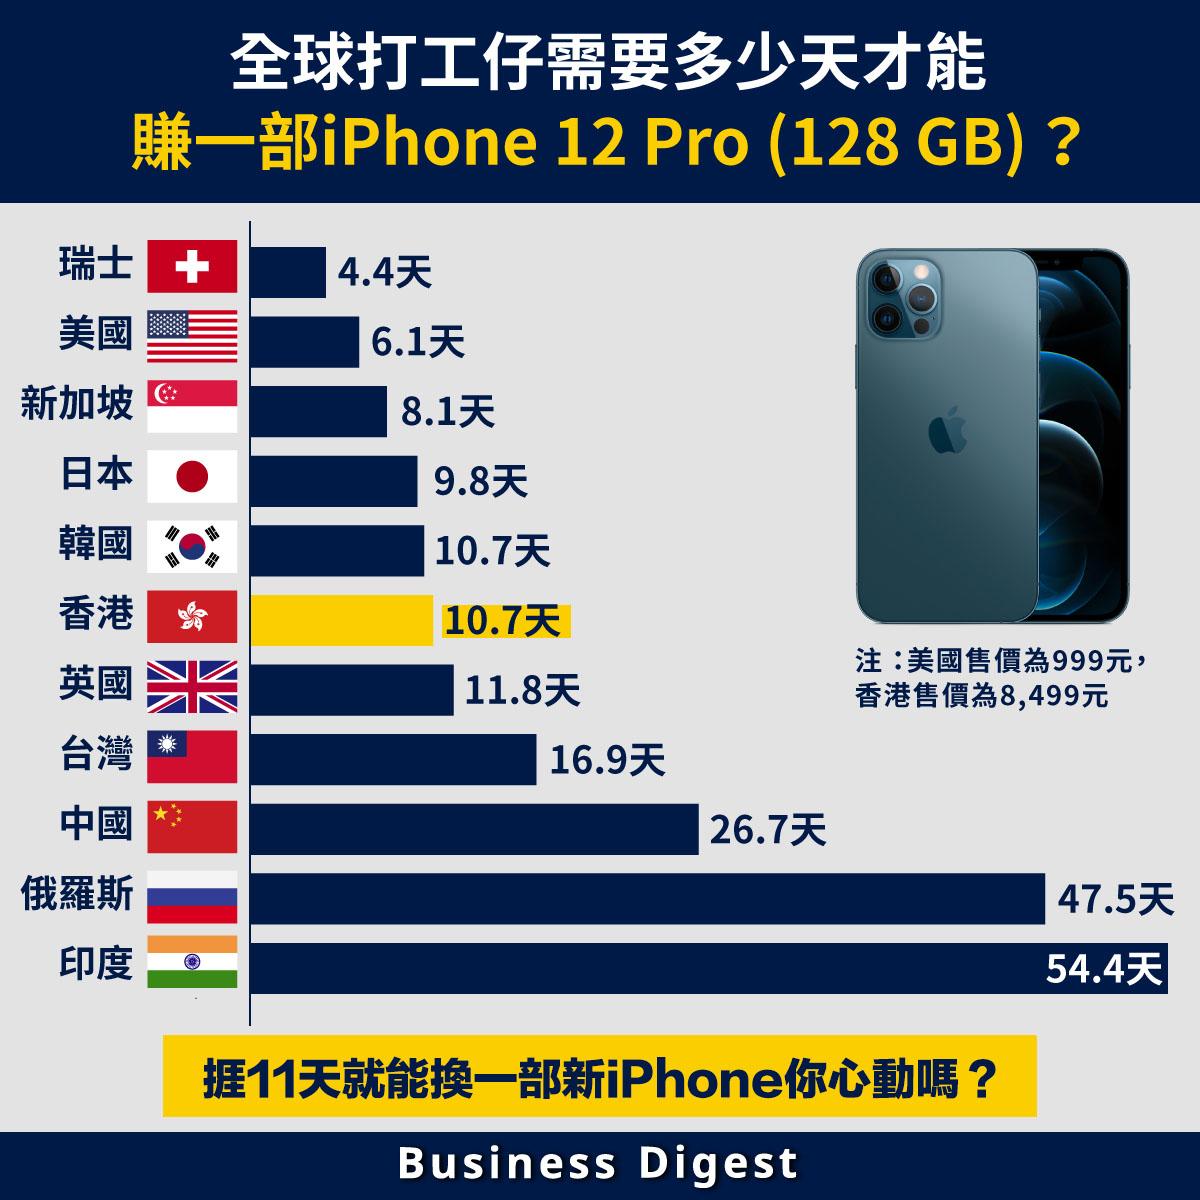 購物優惠情報平台picodi近日公佈2020 iPhone指數,香港平均需要工作10.7天才能買到一部iPhone 12 Pro